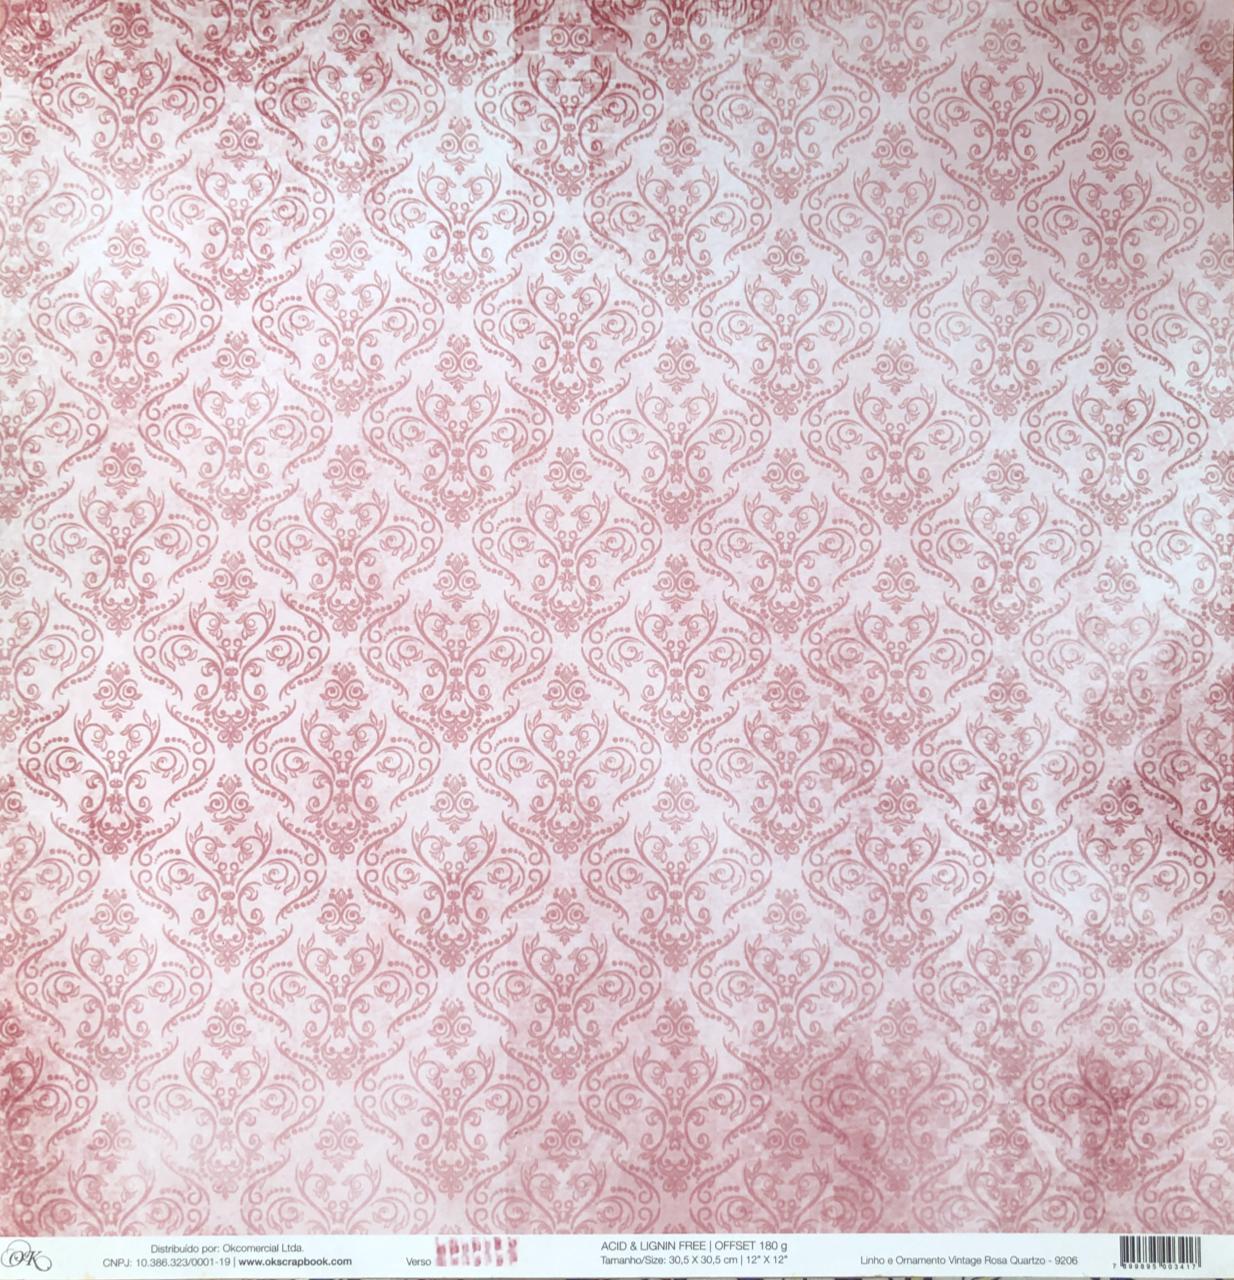 Papel Scrap - Linho e Ornamento Vintage Rosa Quartzo - Ok Scrapbook (9206)